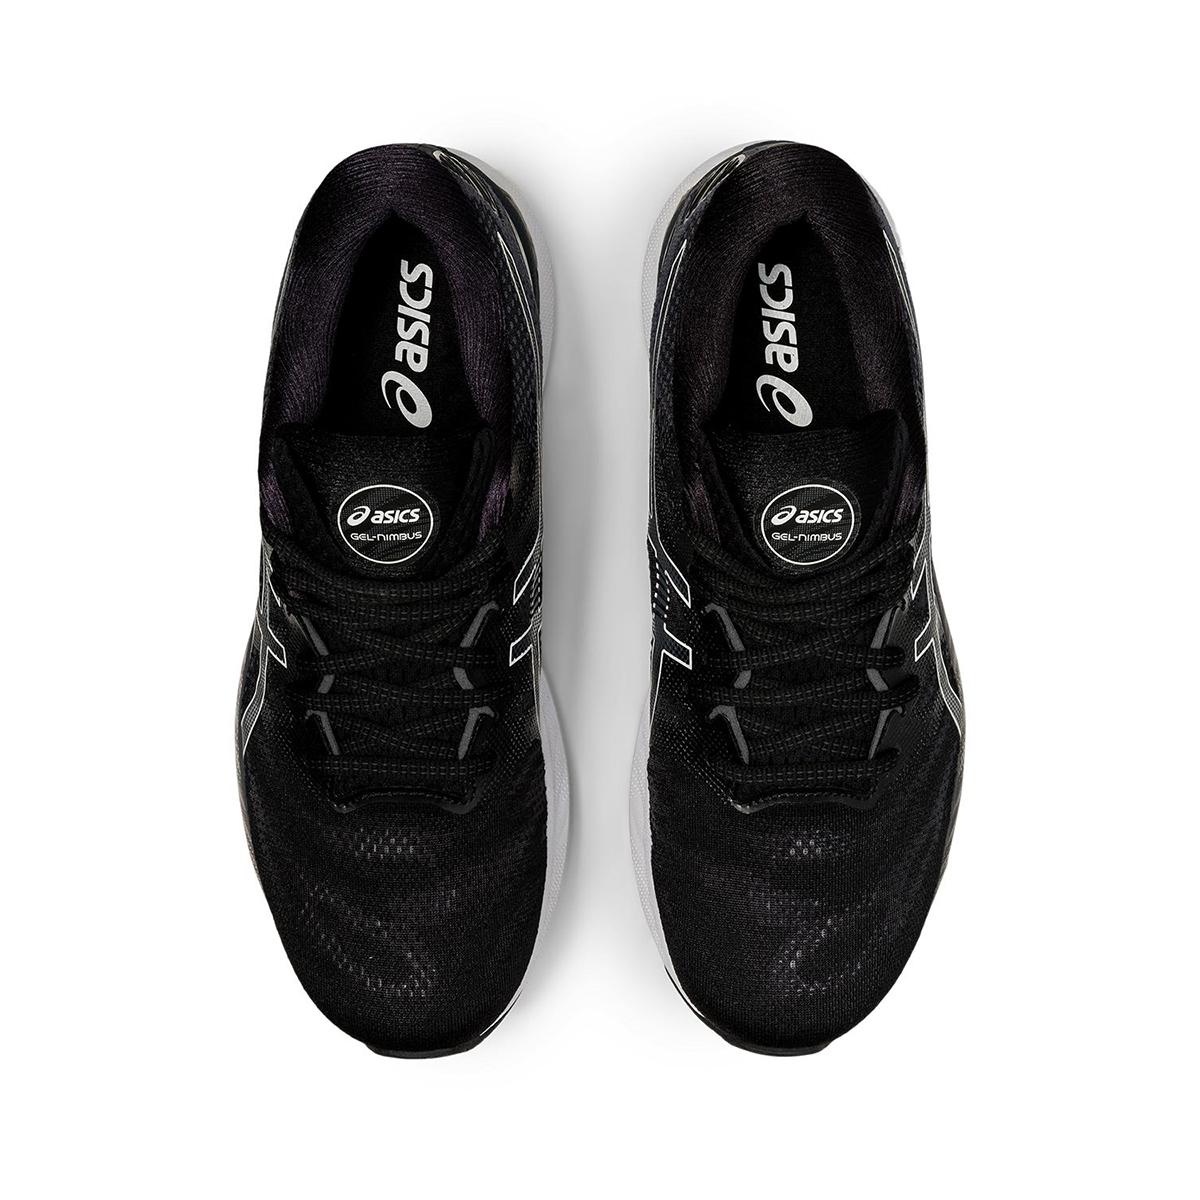 Men's Asics GEL-Nimbus 23 Running Shoe, , large, image 5